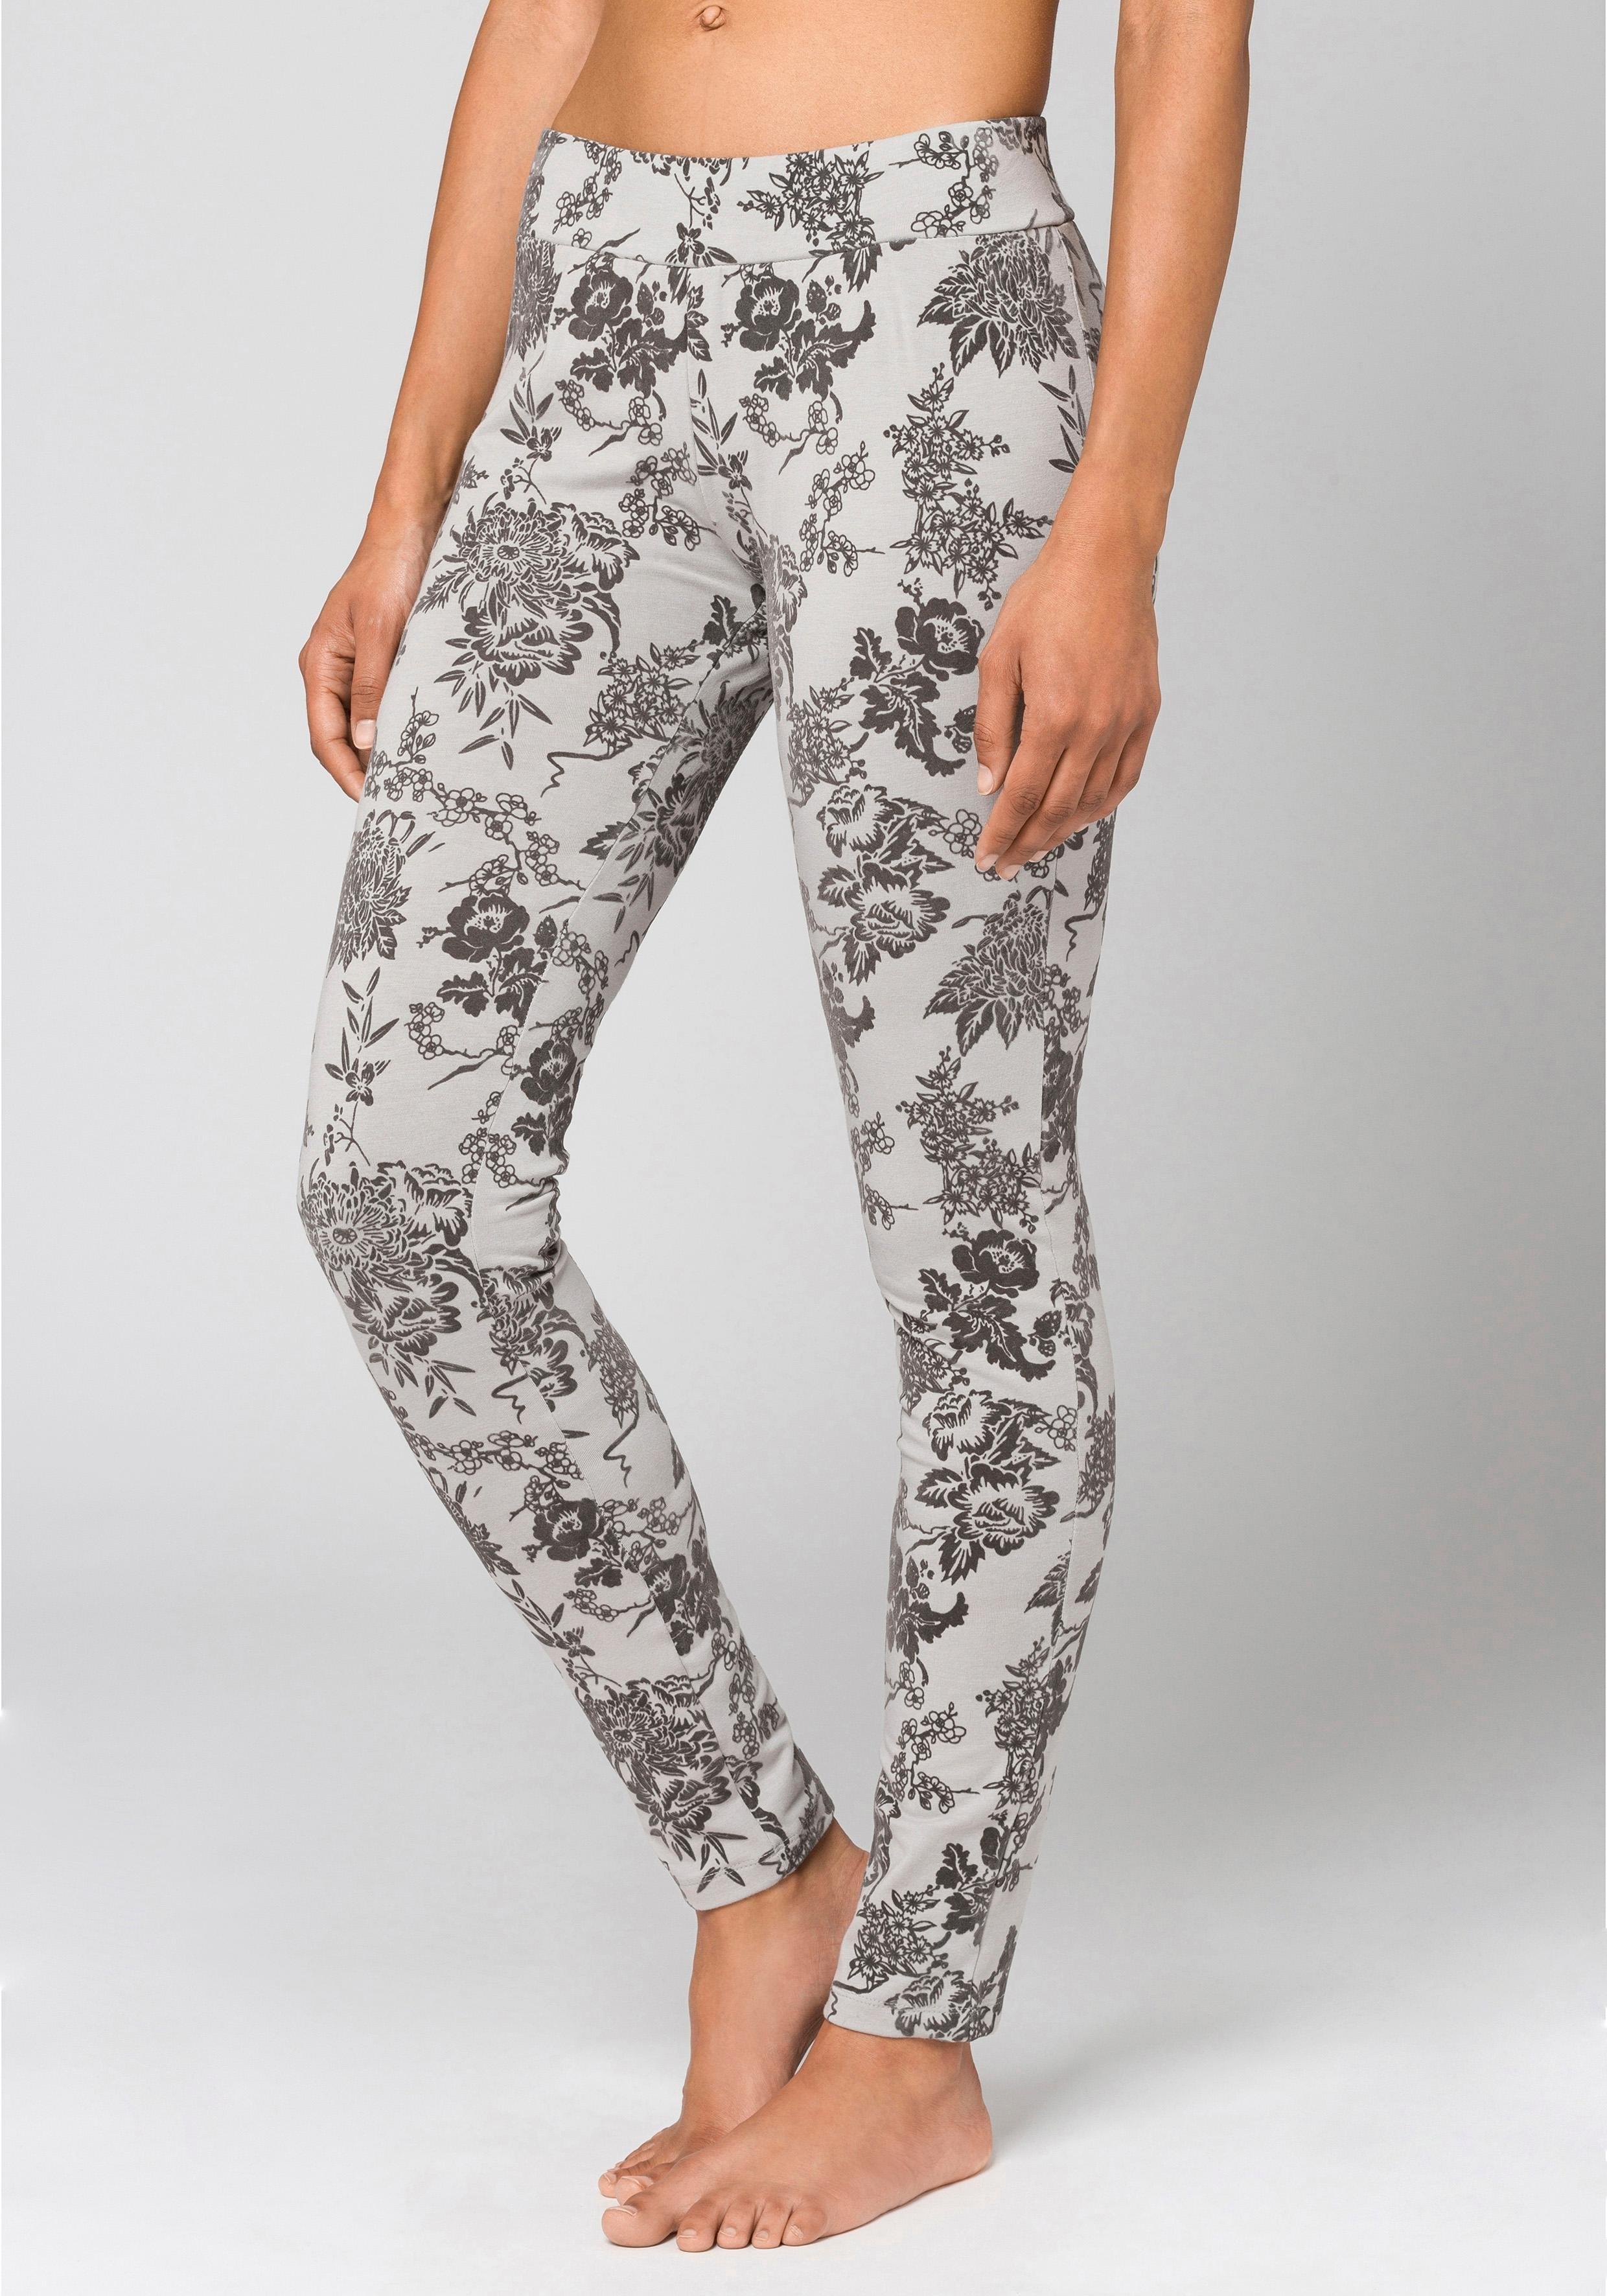 Op zoek naar een Bench. legging? Koop online bij Lascana